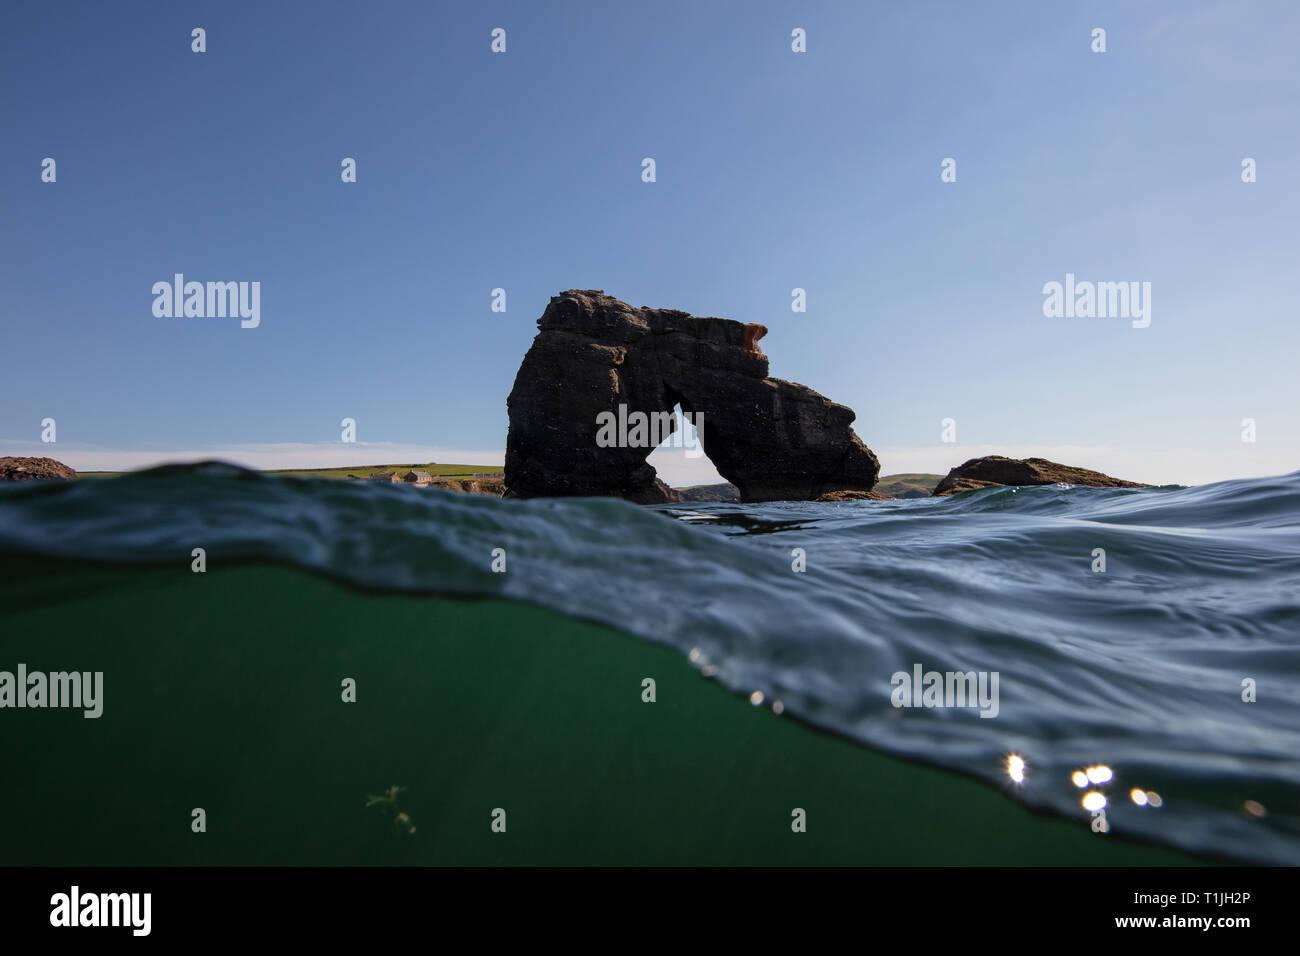 Esta hermosa piedra sobresale en el mar custodiando South Milton Sands, Thurlestone Foto de stock